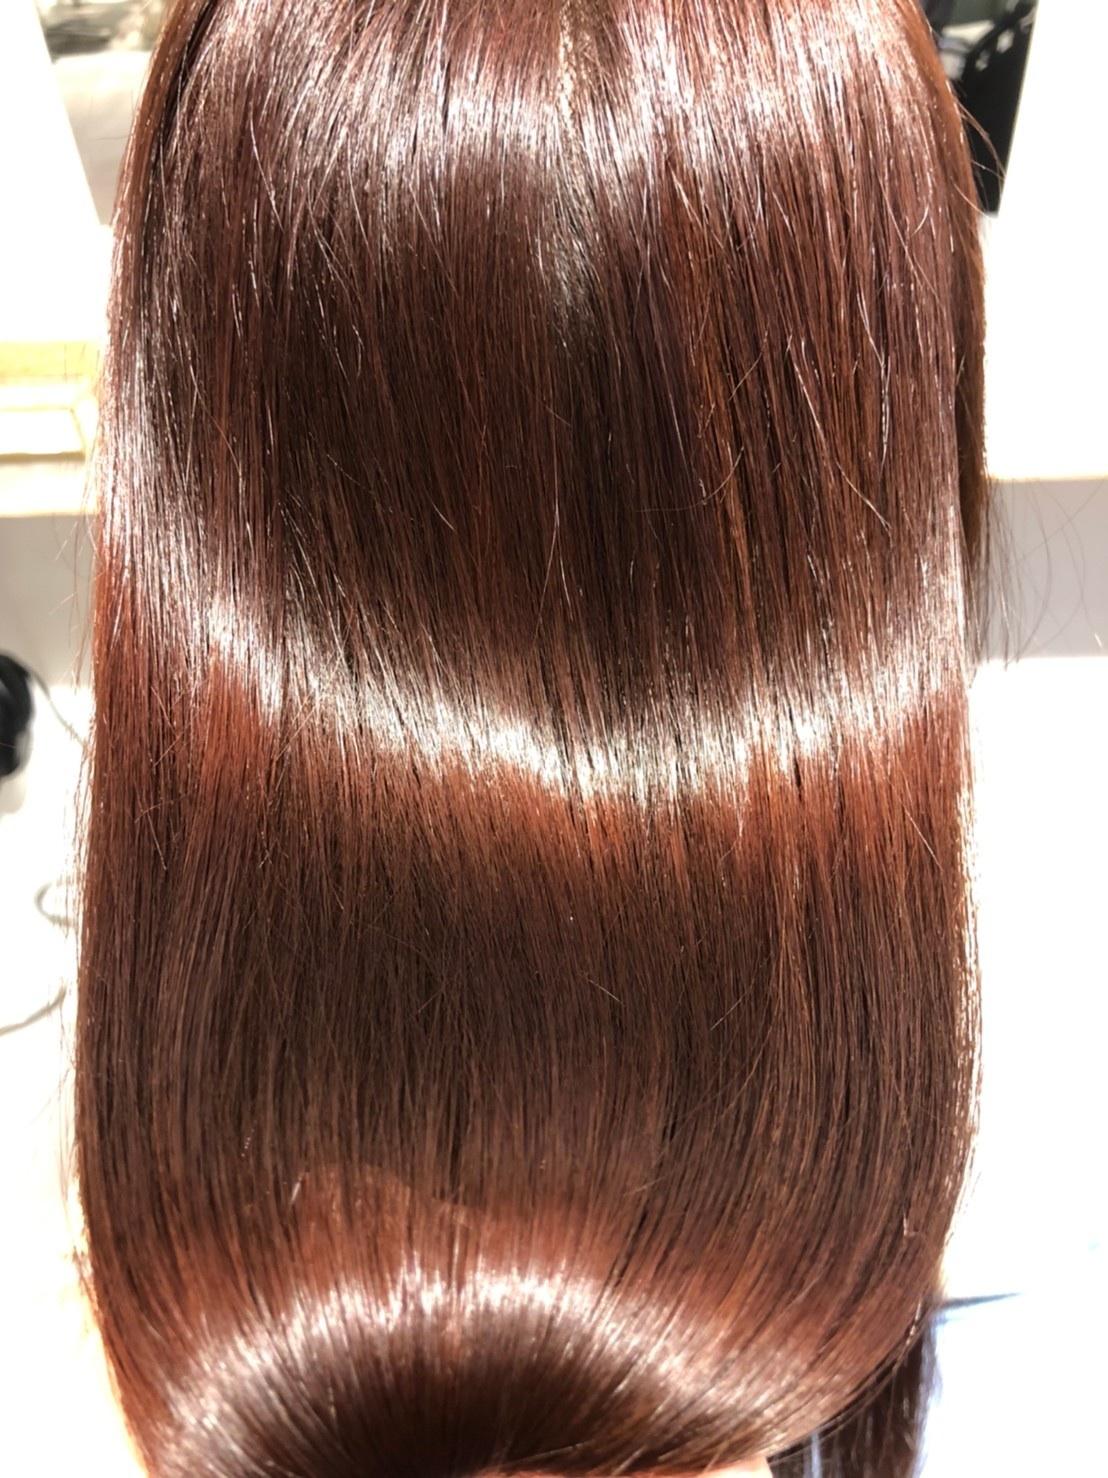 髪の広がり・パサつきを改善します。感動の艶髪体験を是非してみてください。